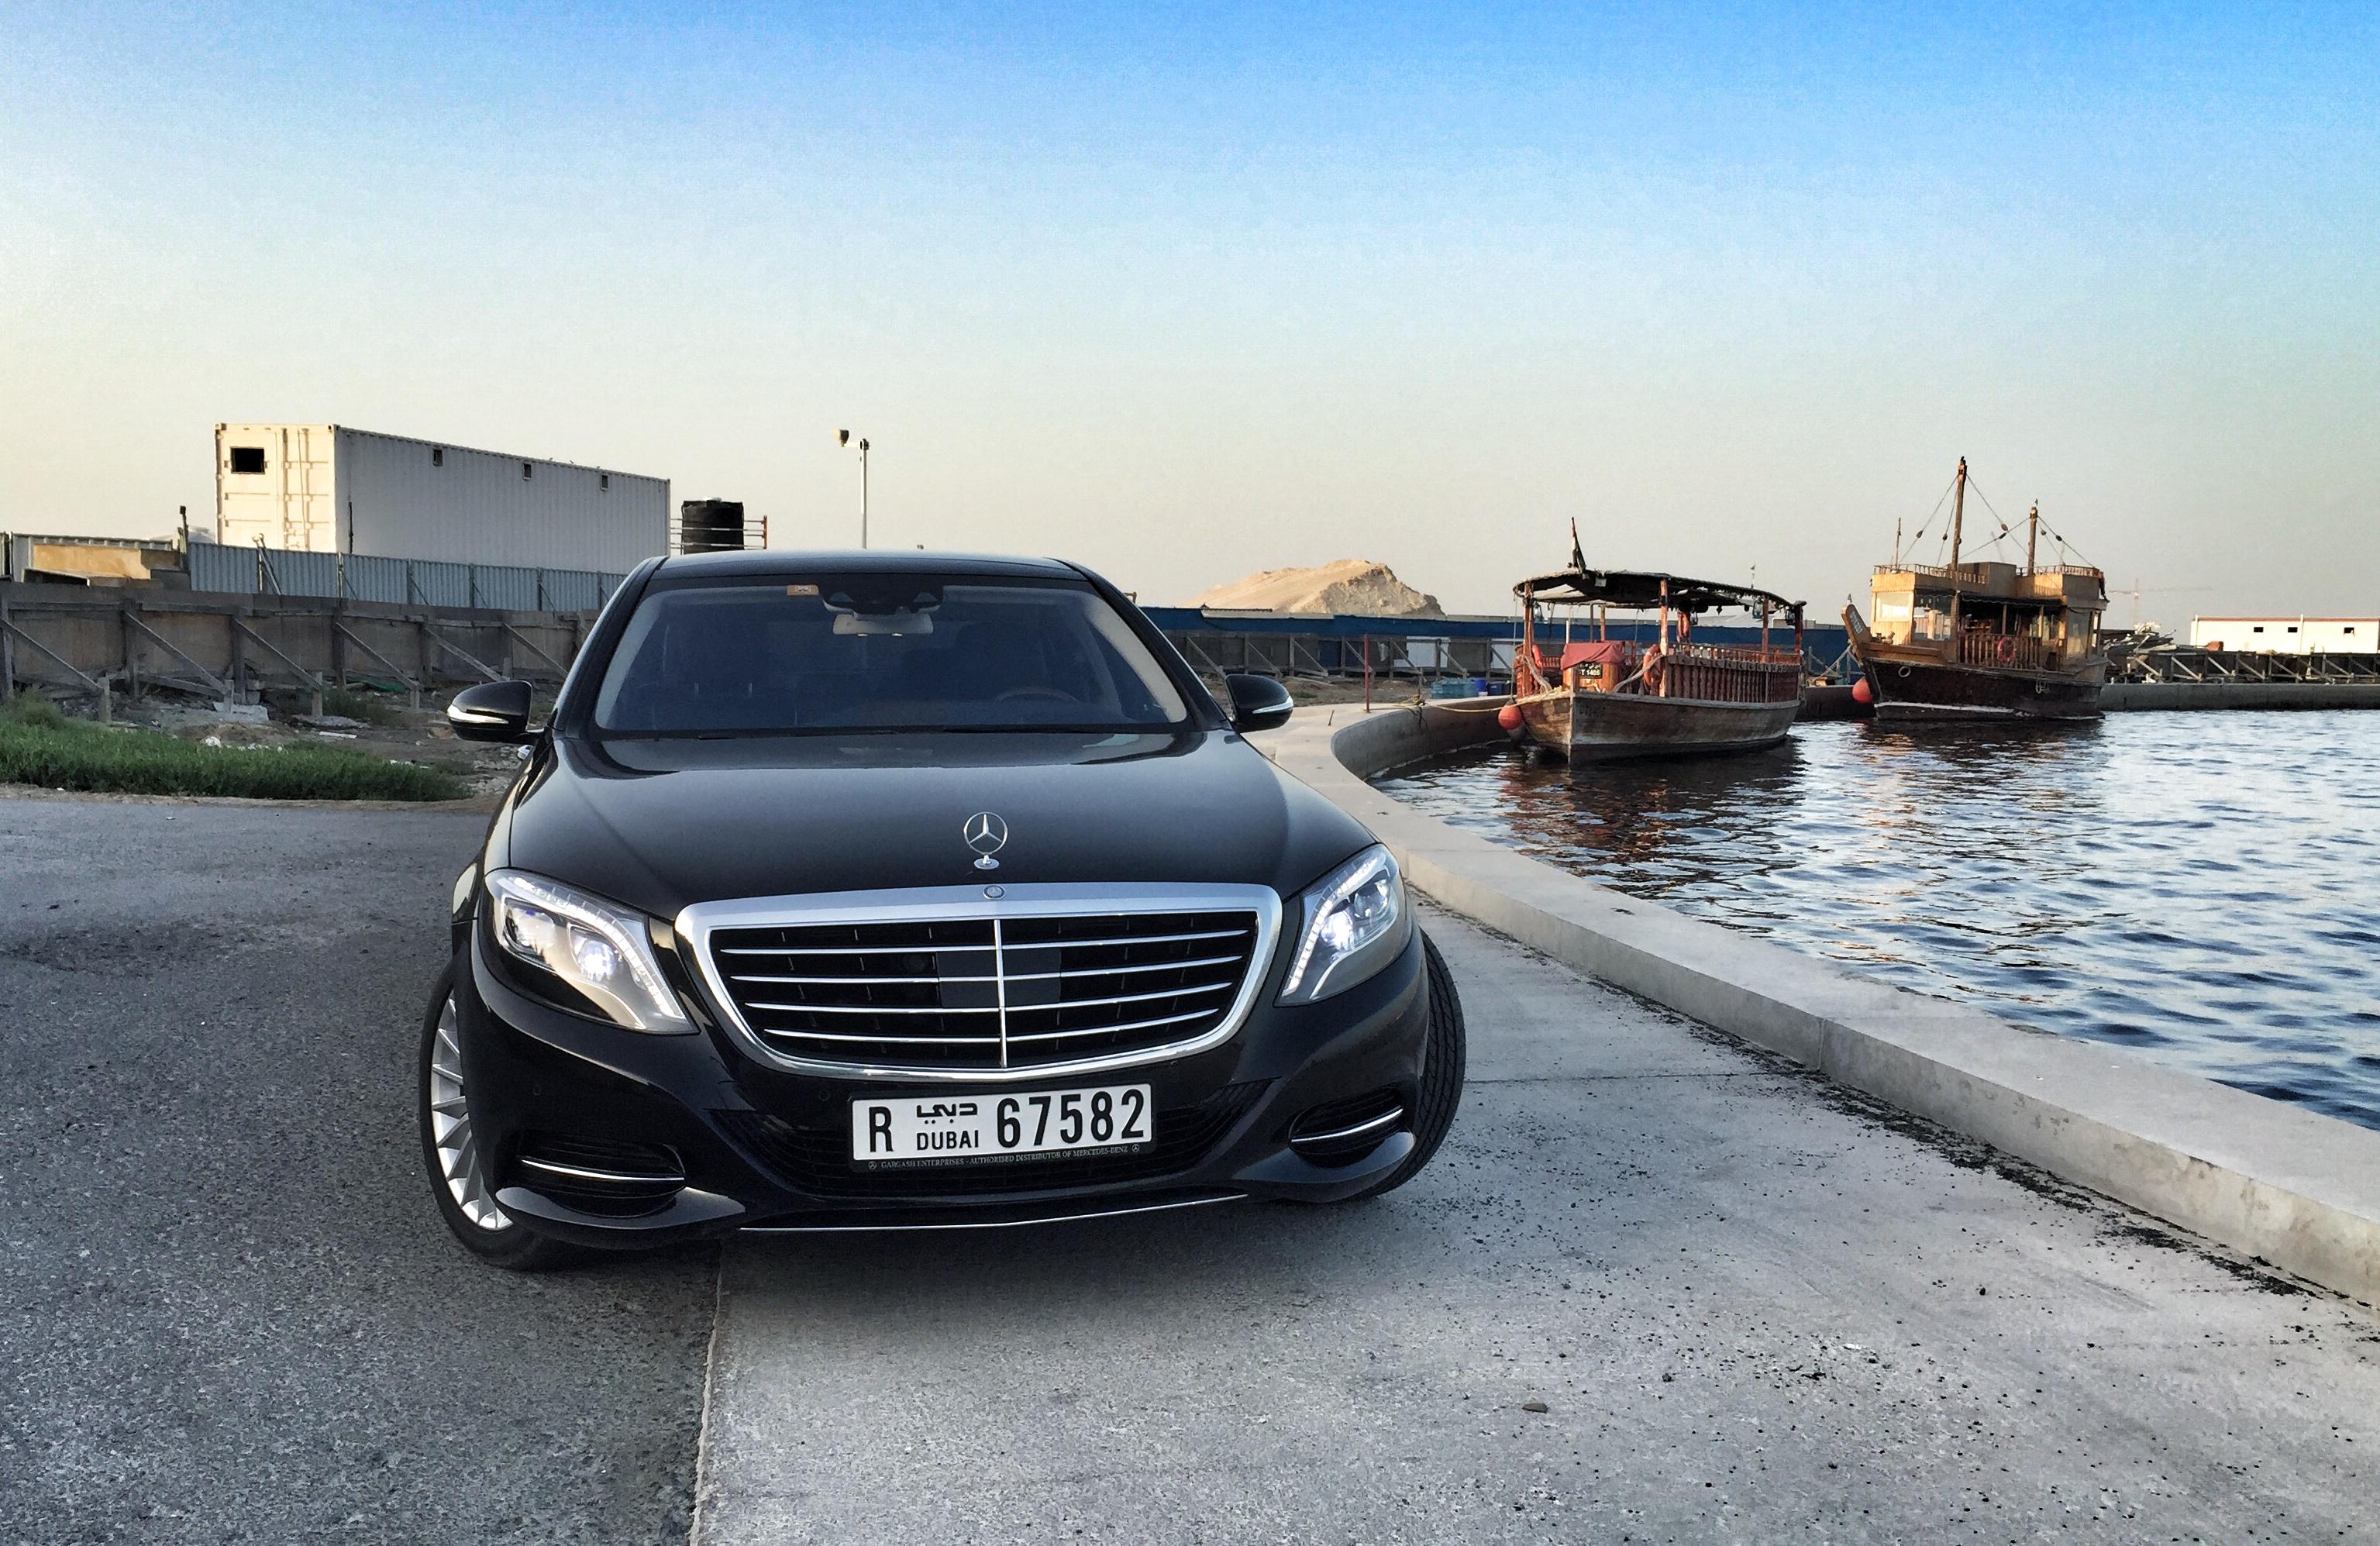 2016 Mercedes-Benz S400 - Front 3Q - instagram.com/samisiddiqi1/